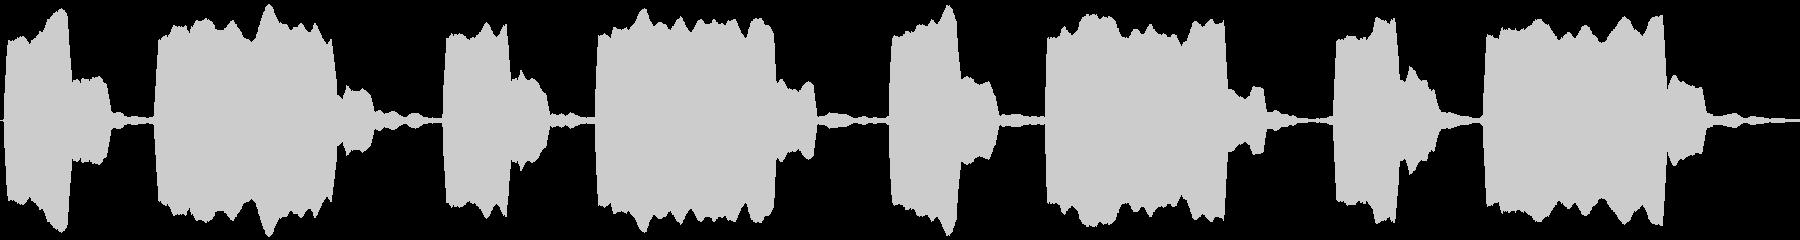 交差点の音響信号の未再生の波形